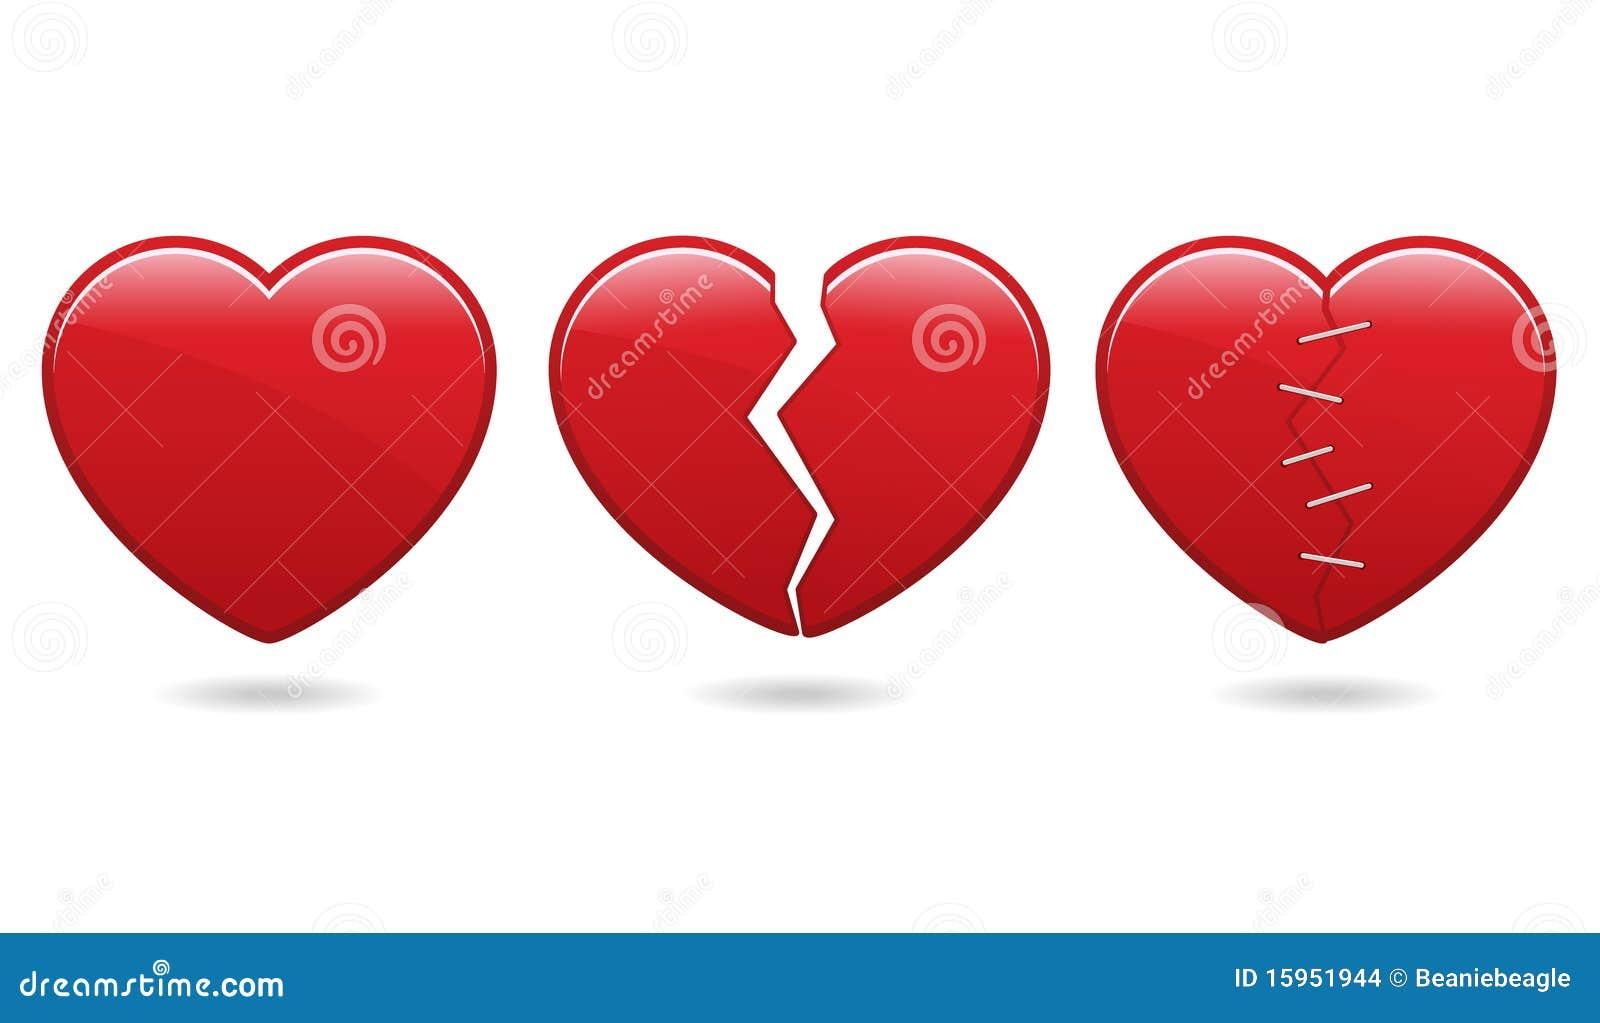 Ícones do coração